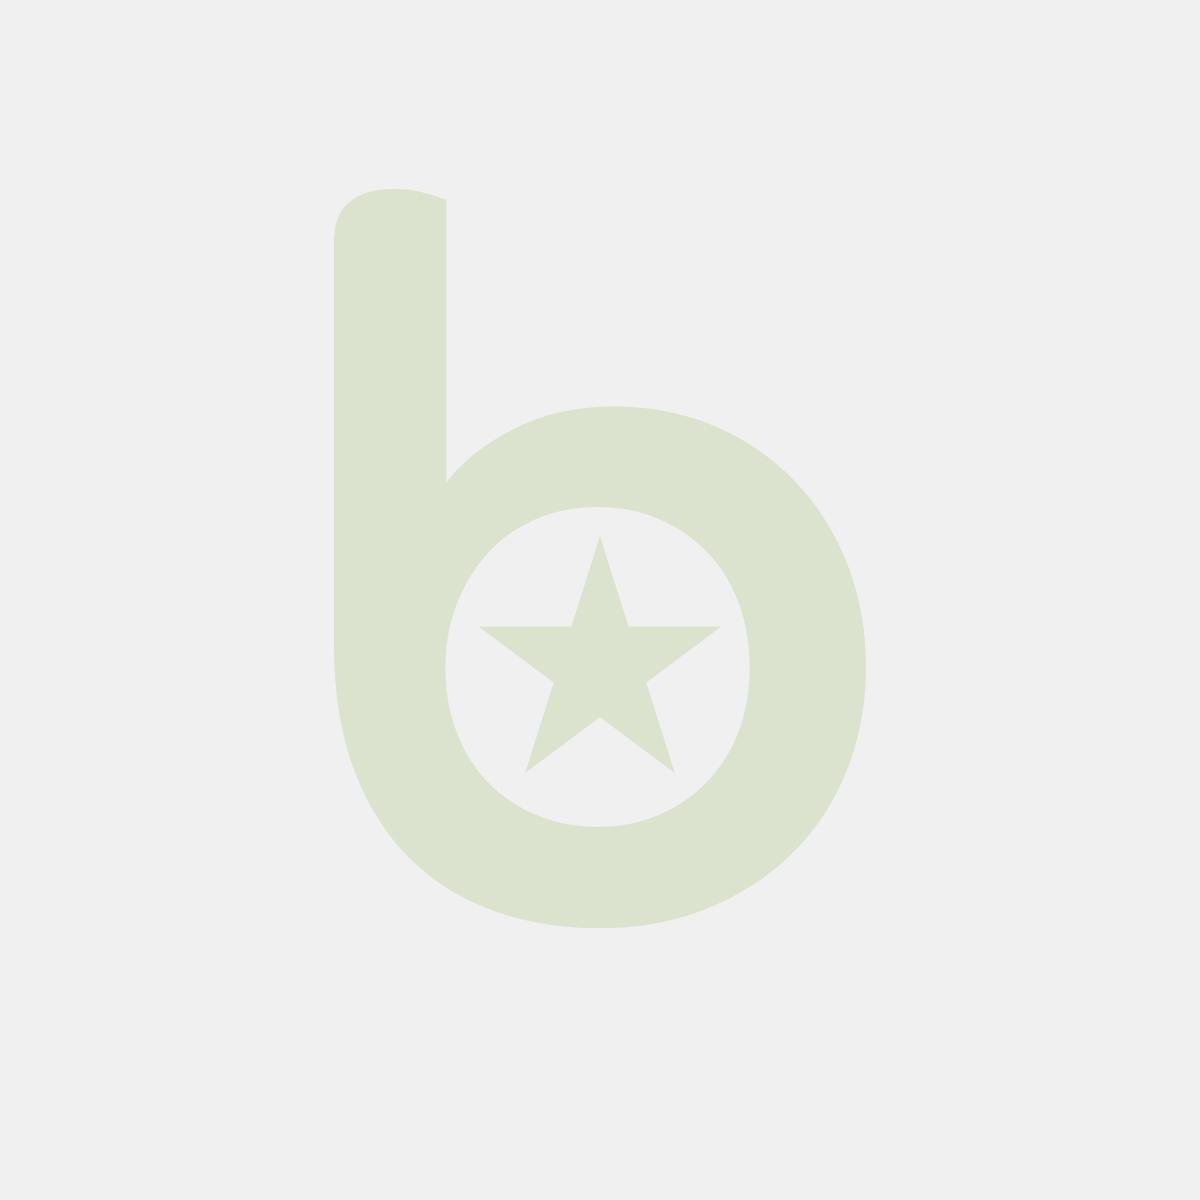 Pojemnik okrągły bezbarwny KP-721 125ml PP gładki, cena za opakowanie 100szt